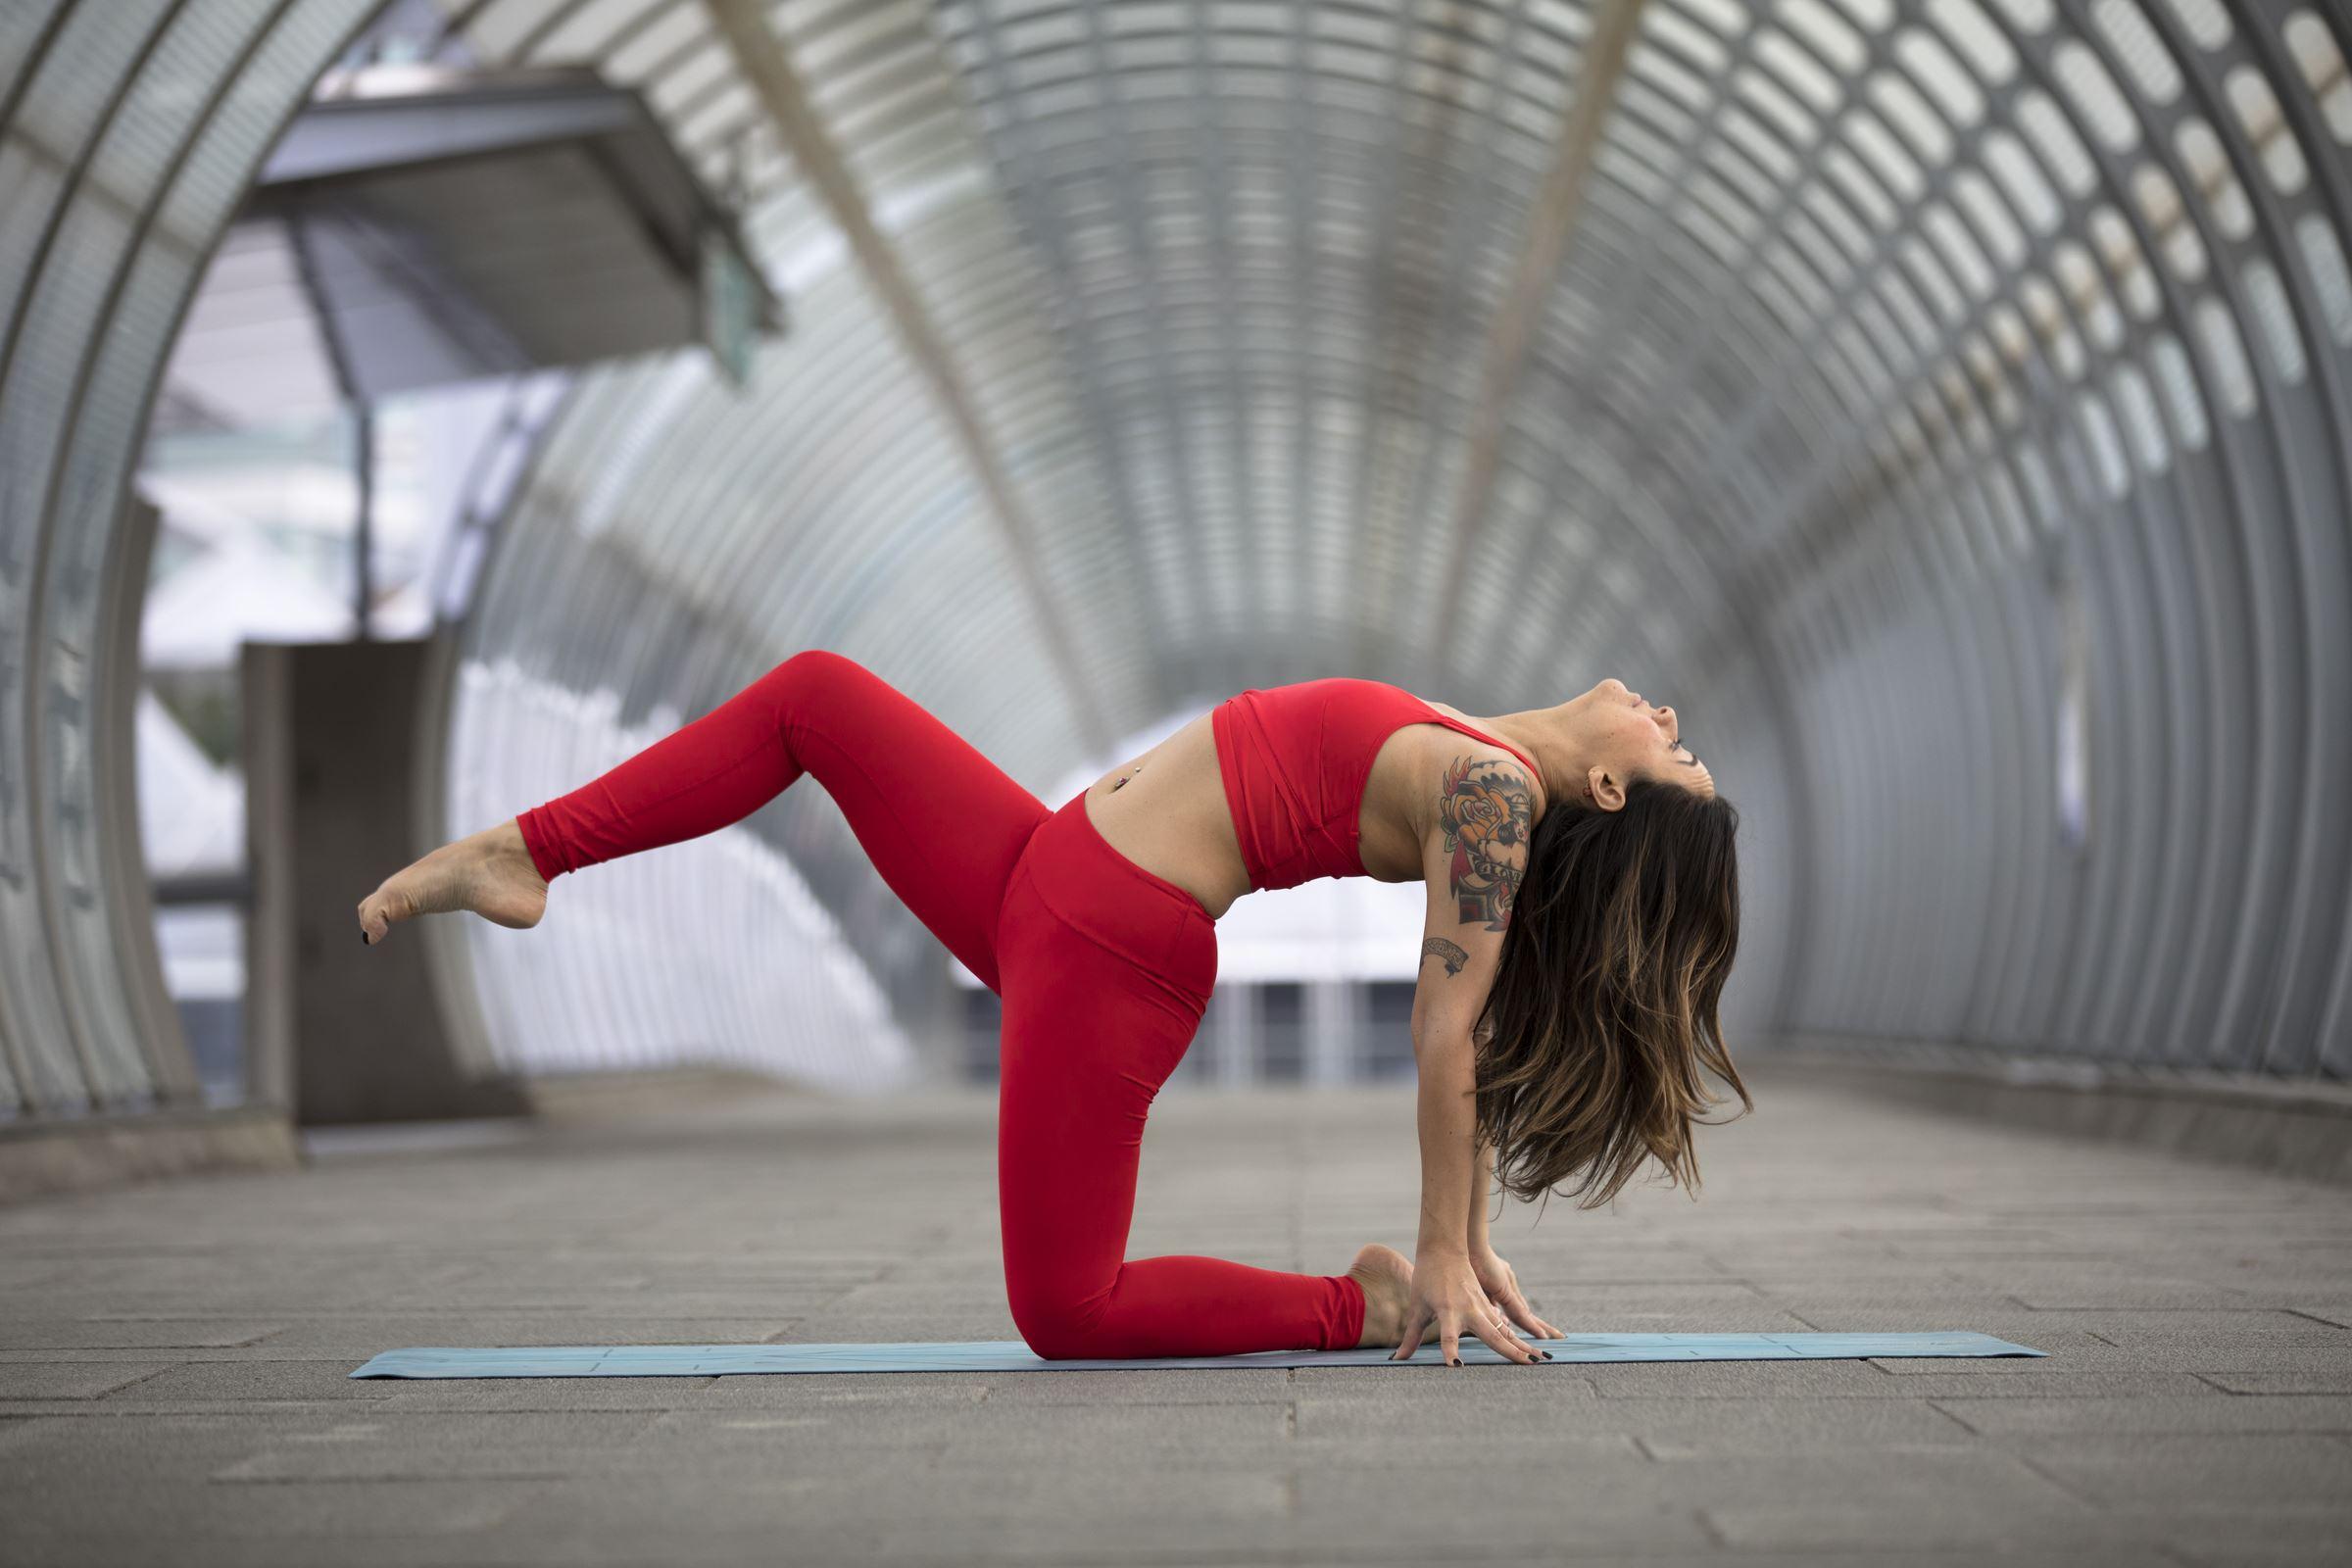 Elad Itzkin Yoga Photography - Melissa Zelaya - 6706